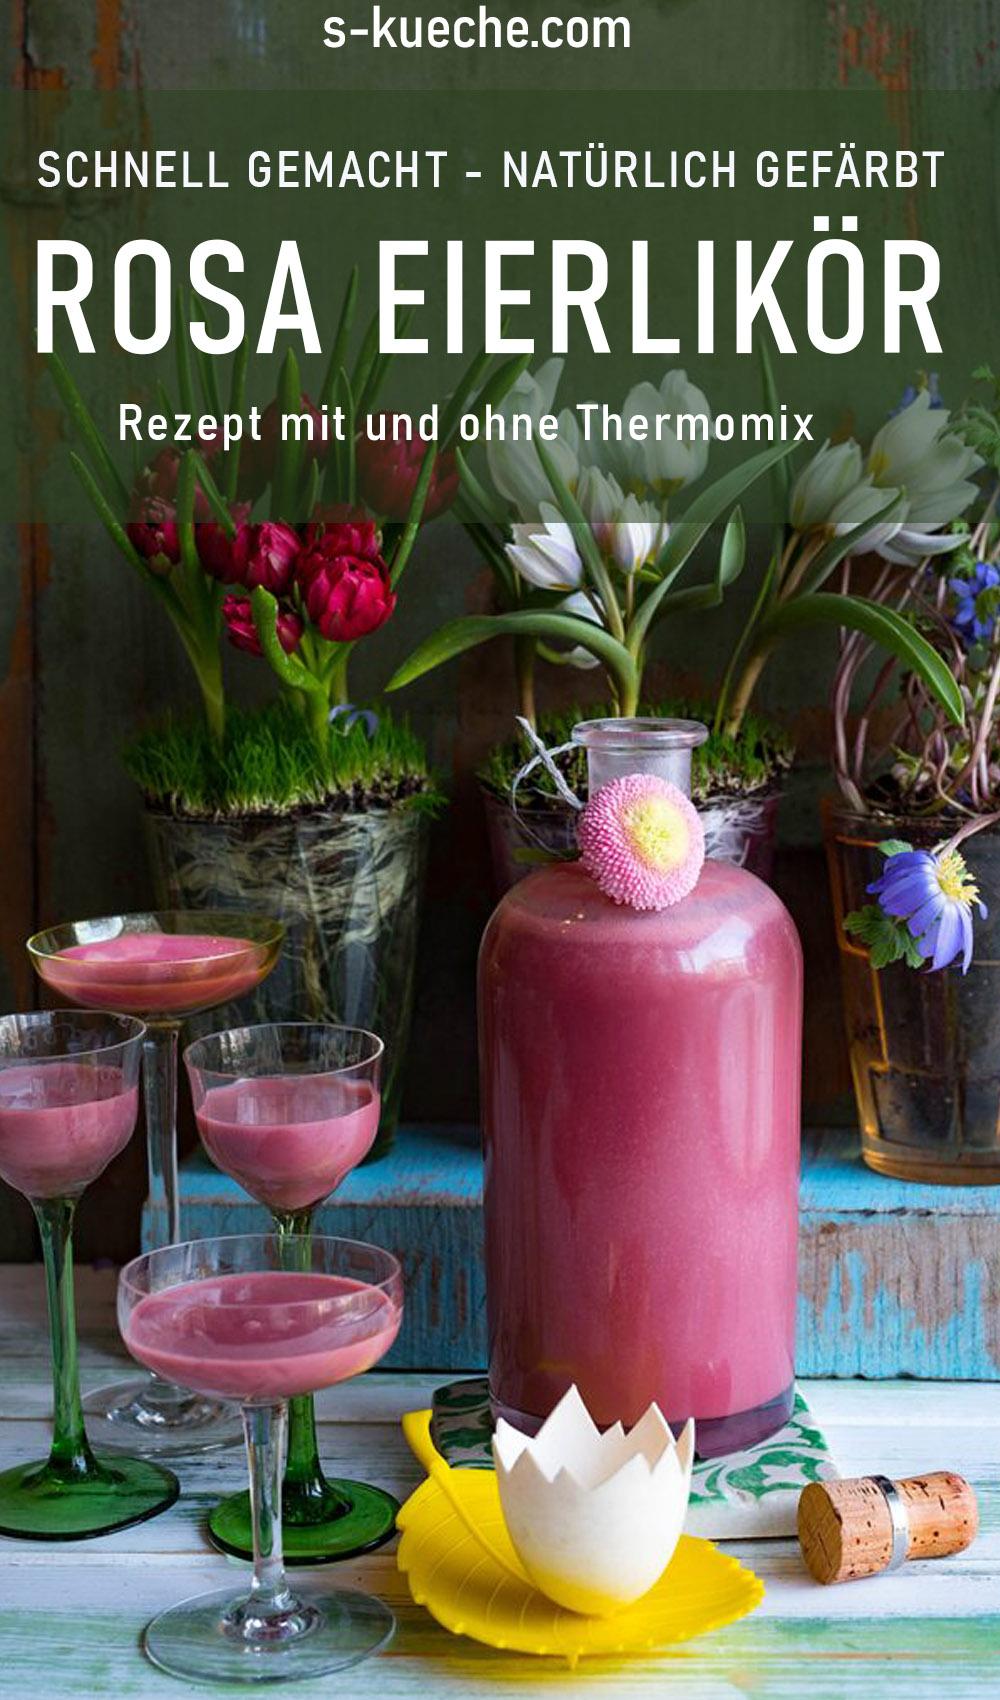 Rosa Eierlikör - schnell gemacht und natürlich mit Fruchtpulver gefärbt. Rezept mit und ohne Thermomix